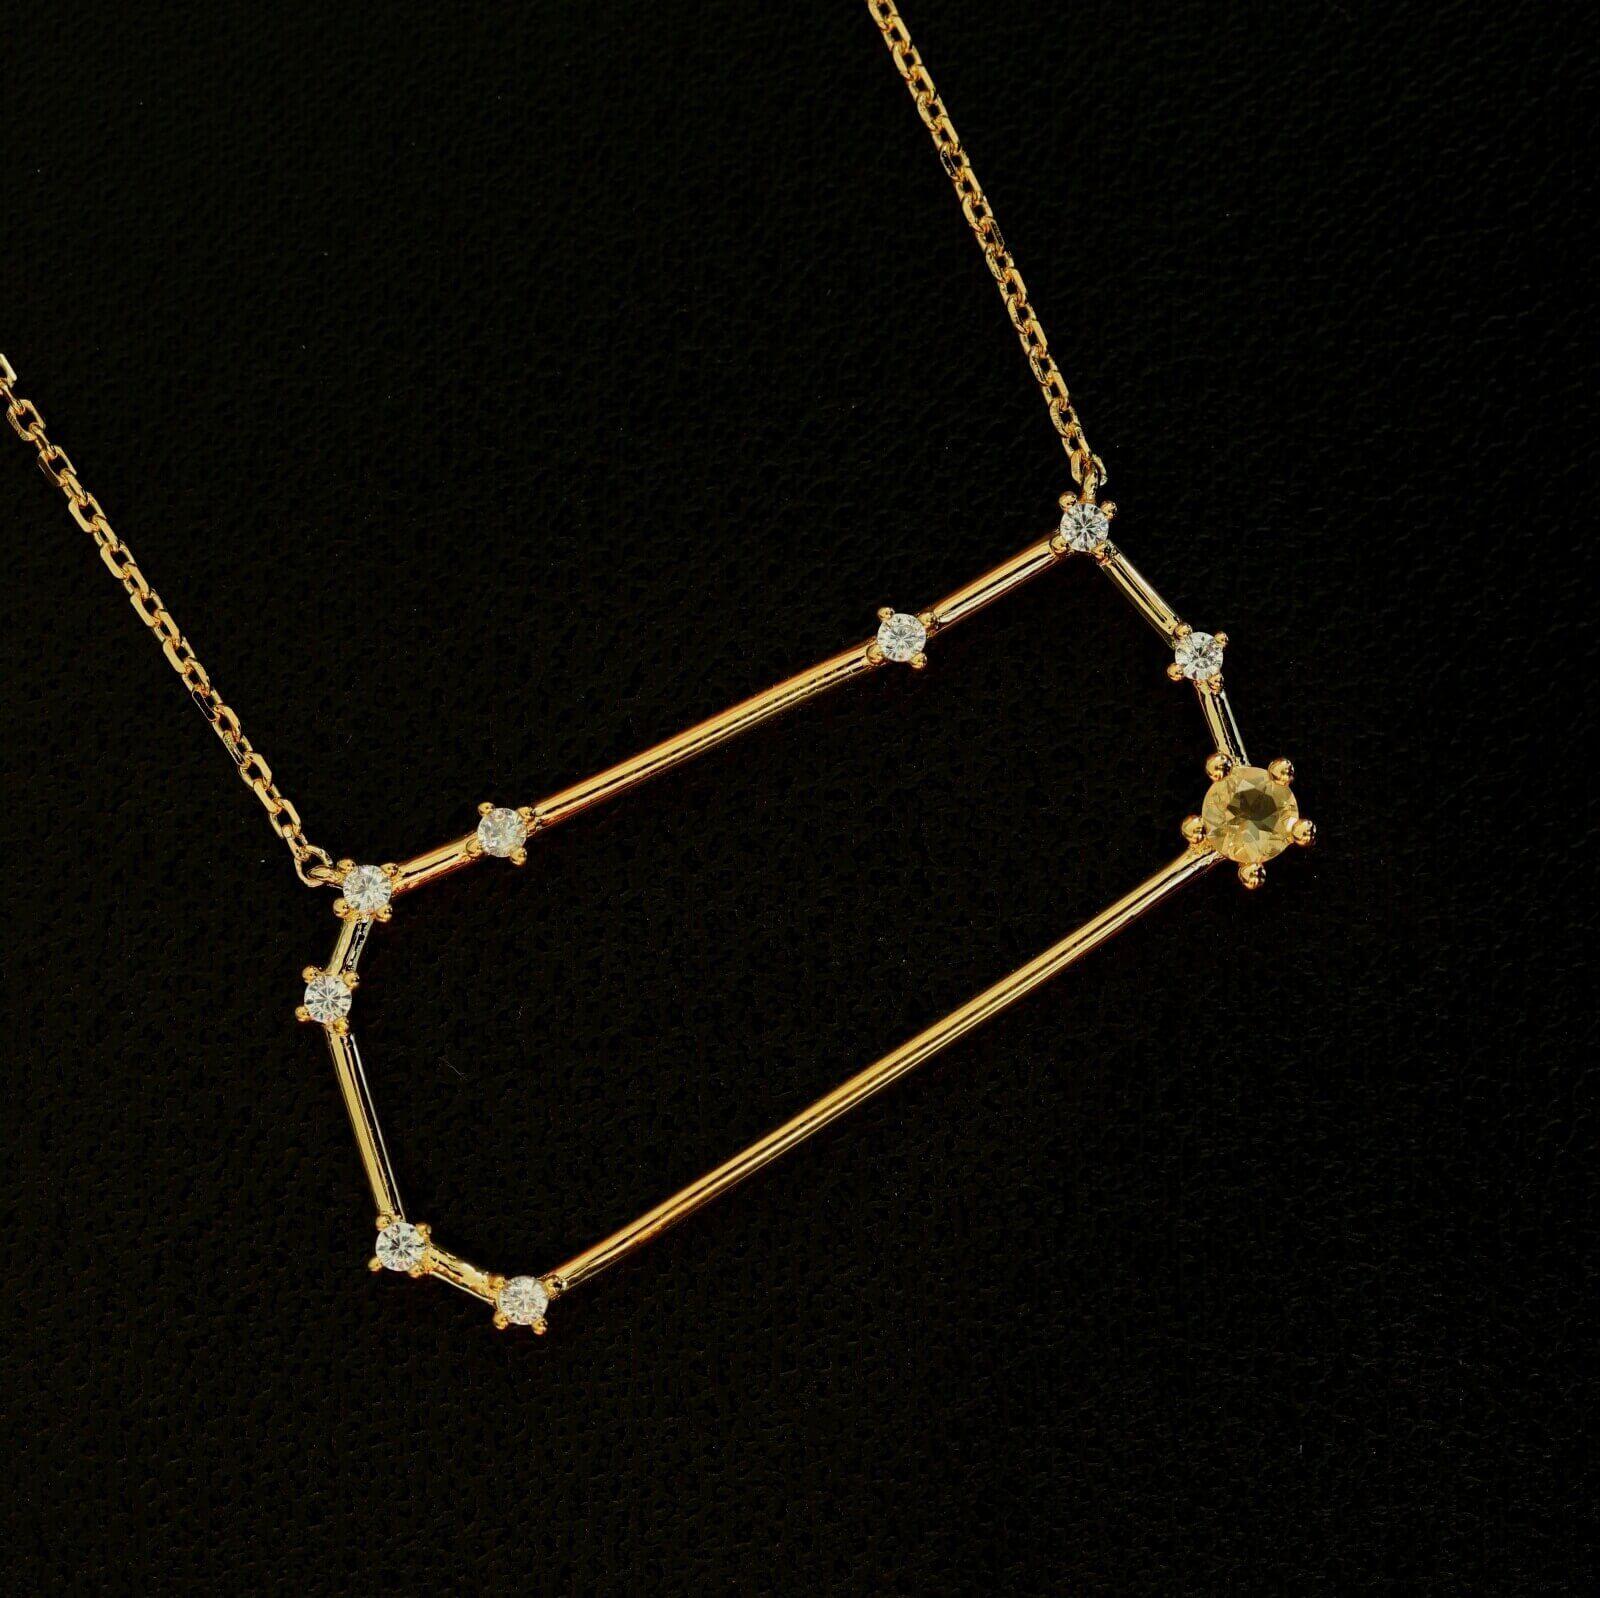 Sternbild Zwilling Silberanhänger vergoldet mit Citrin und Zirkon.